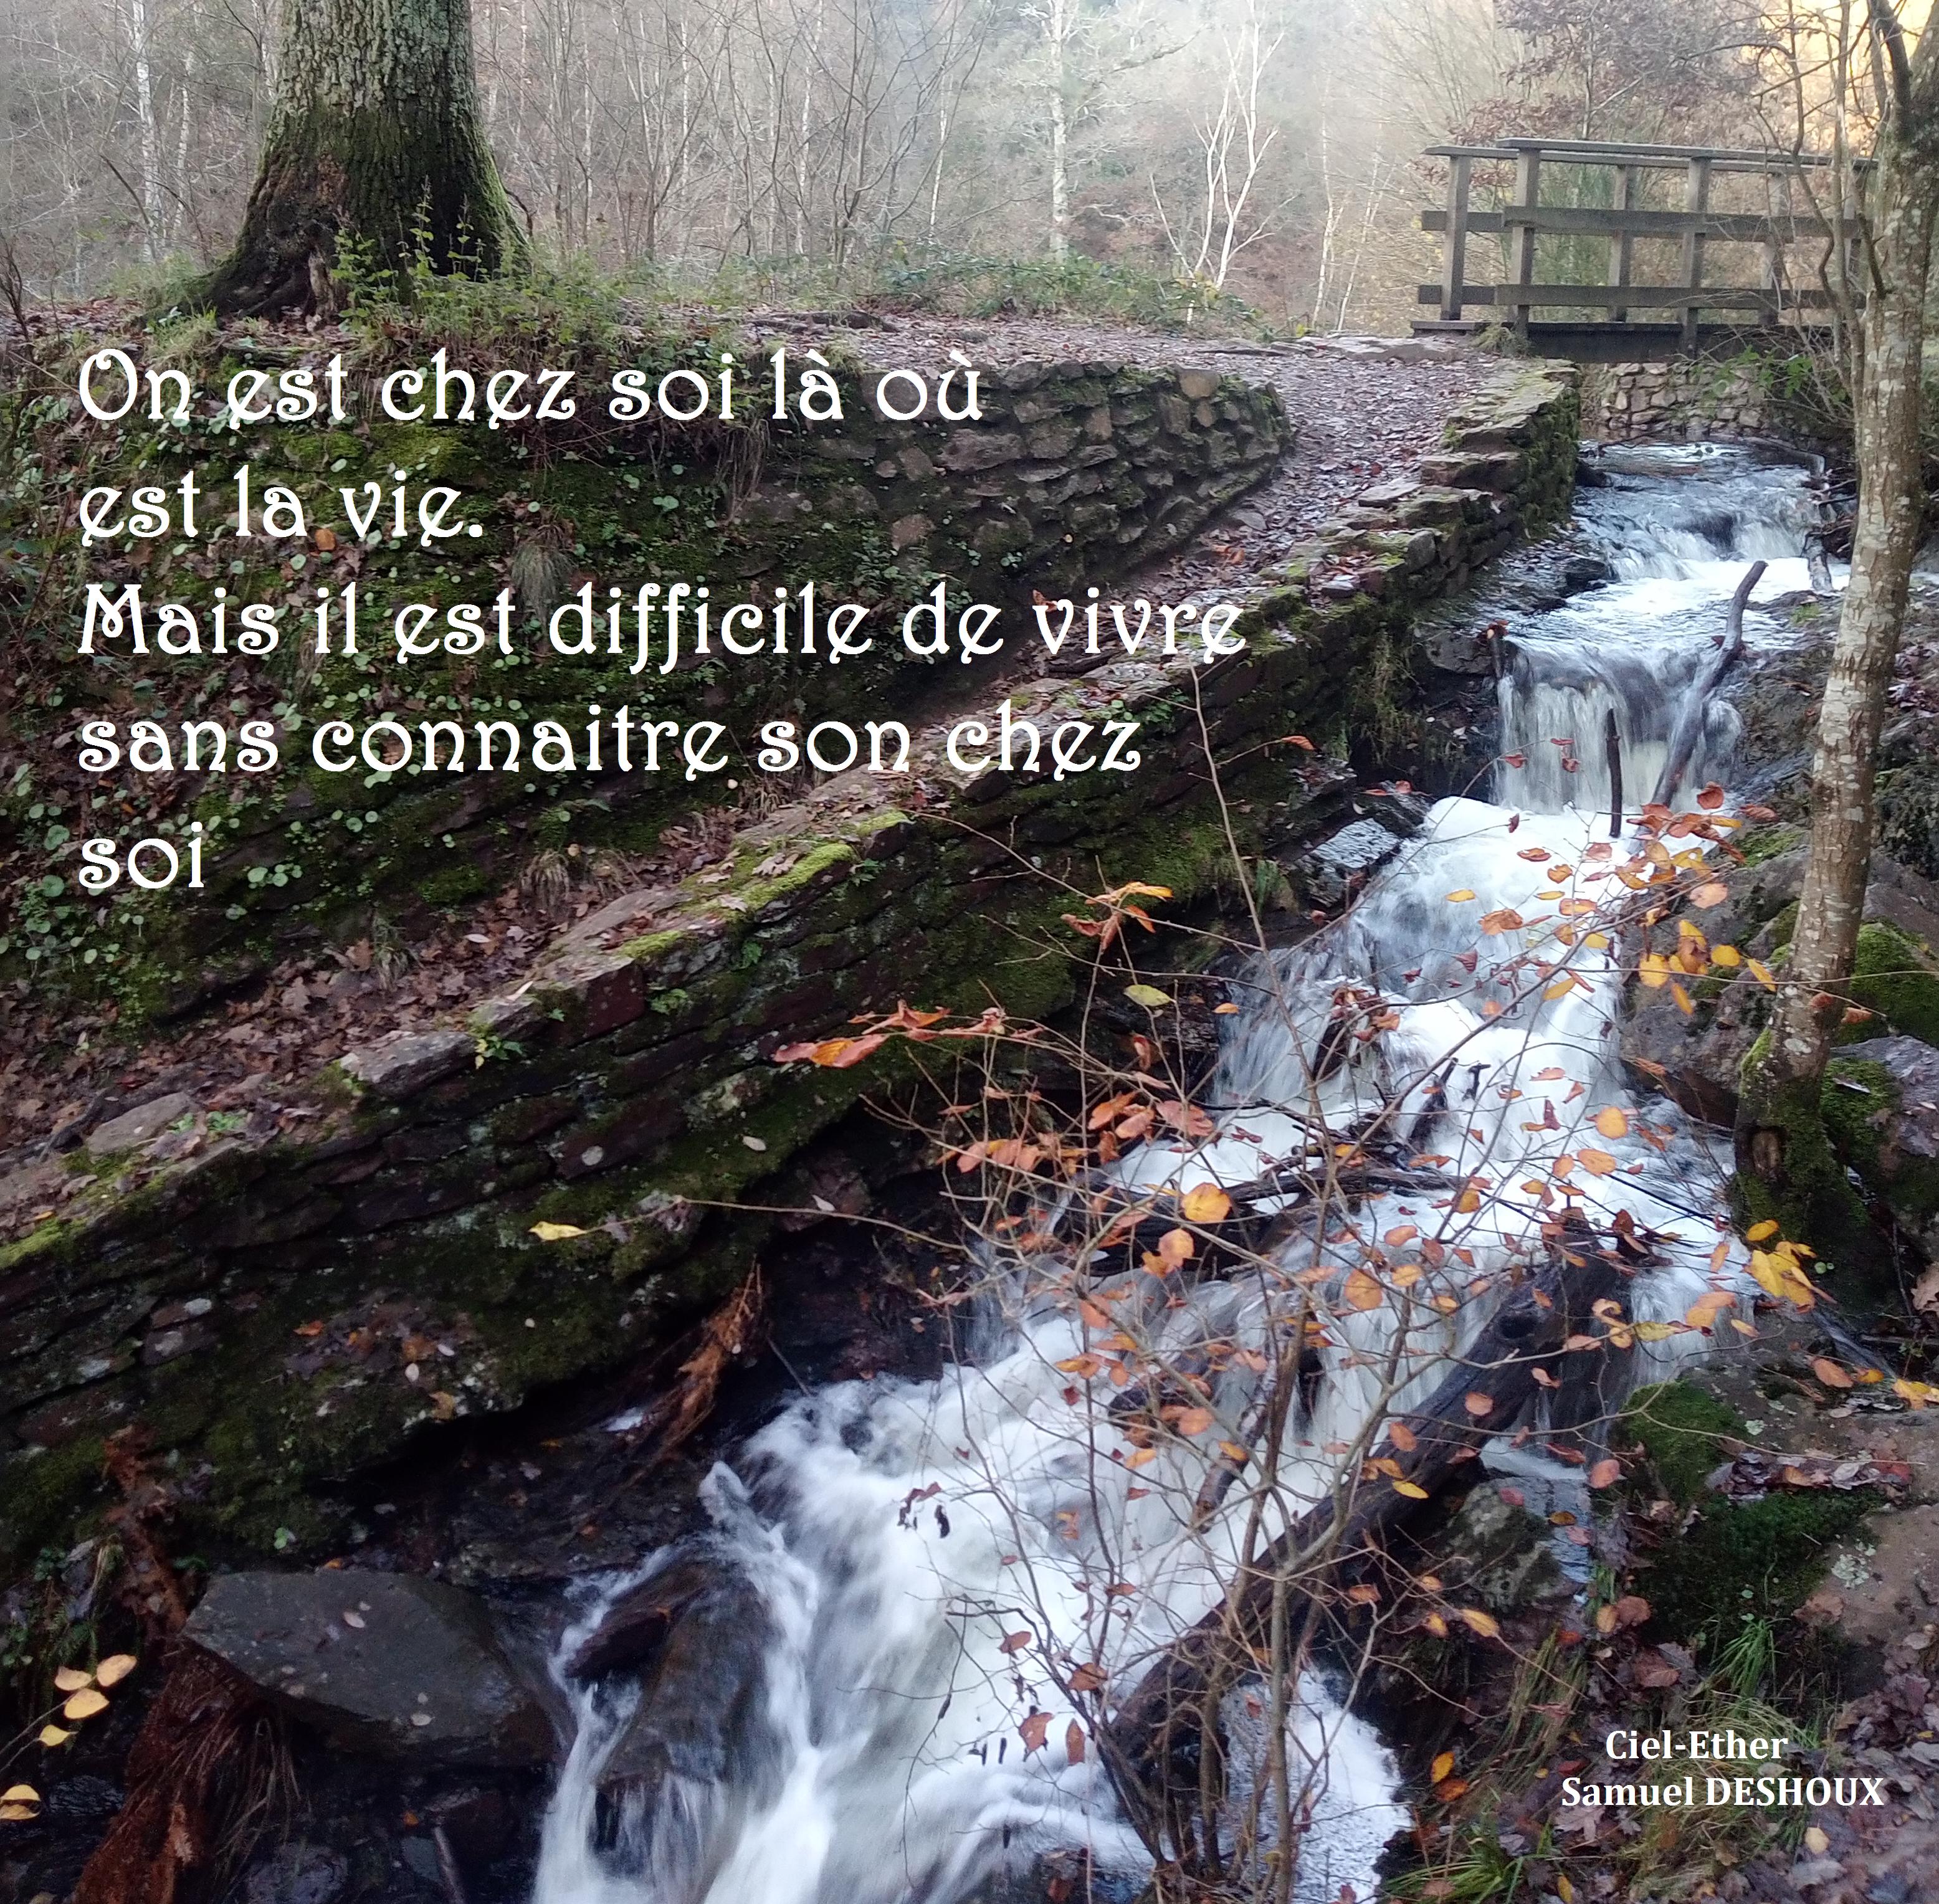 Ce site en Bretagne est un des site sacrés dédié à la géobiologie sacrée